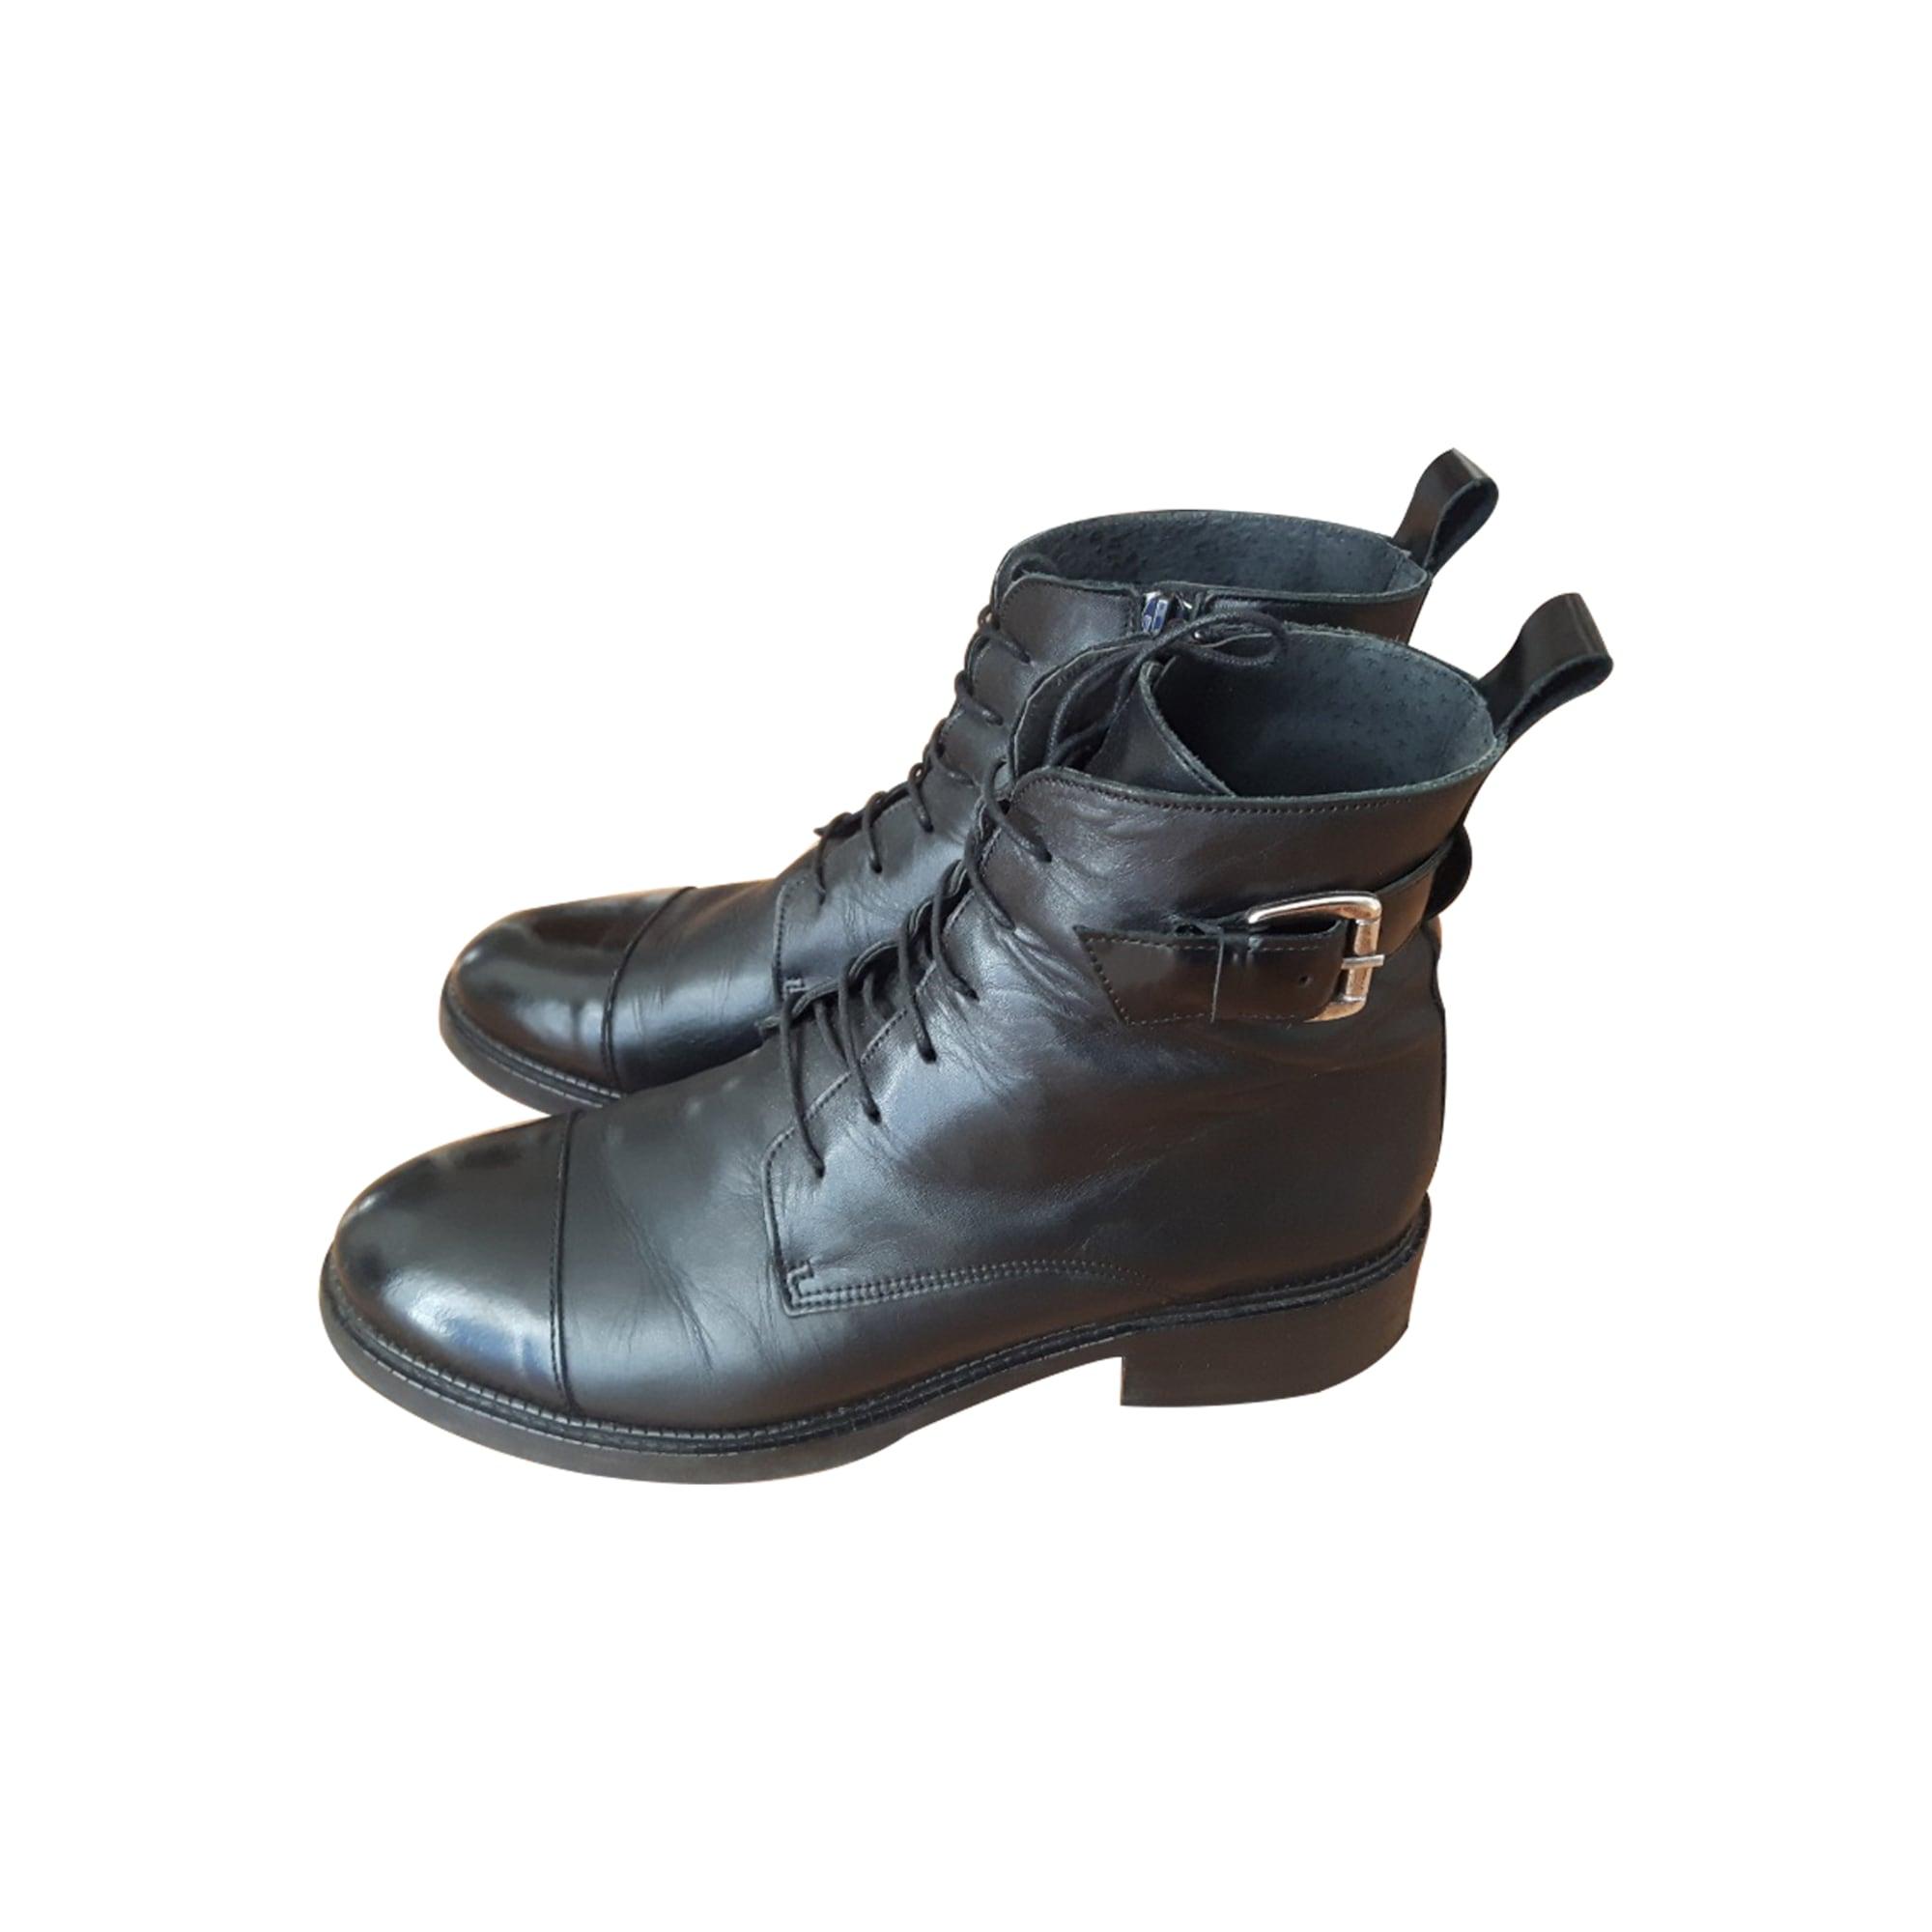 be72bdec1bce Bottines   low boots plates JONAK 38 noir vendu par Anneso lou - 7425407